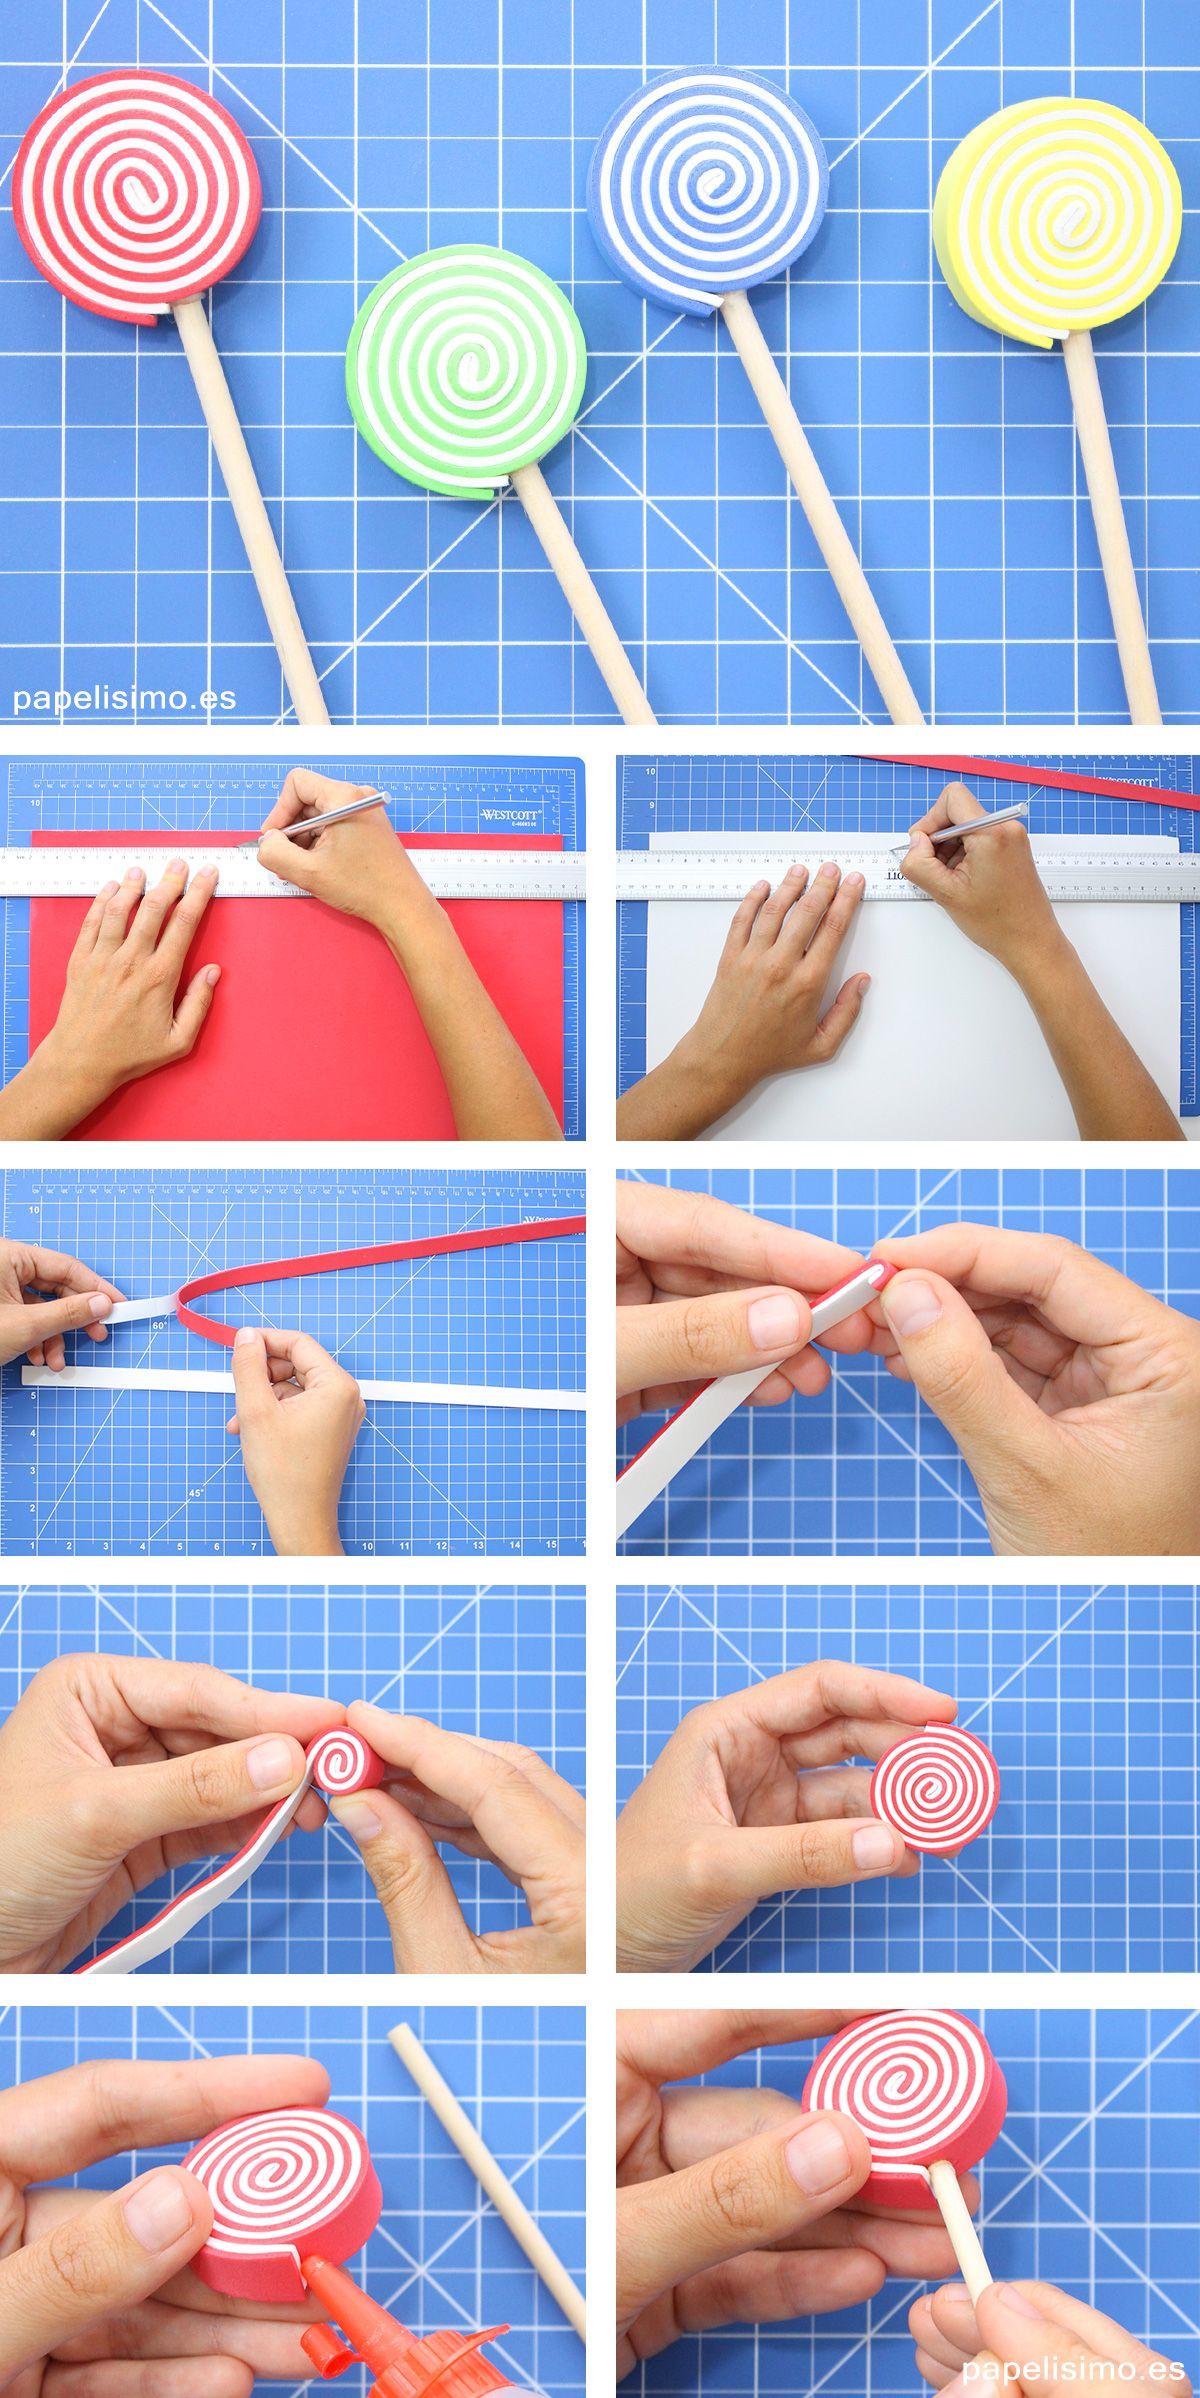 Como hacer piruletas de goma eva paso a paso diy Lollipop | - Party ...